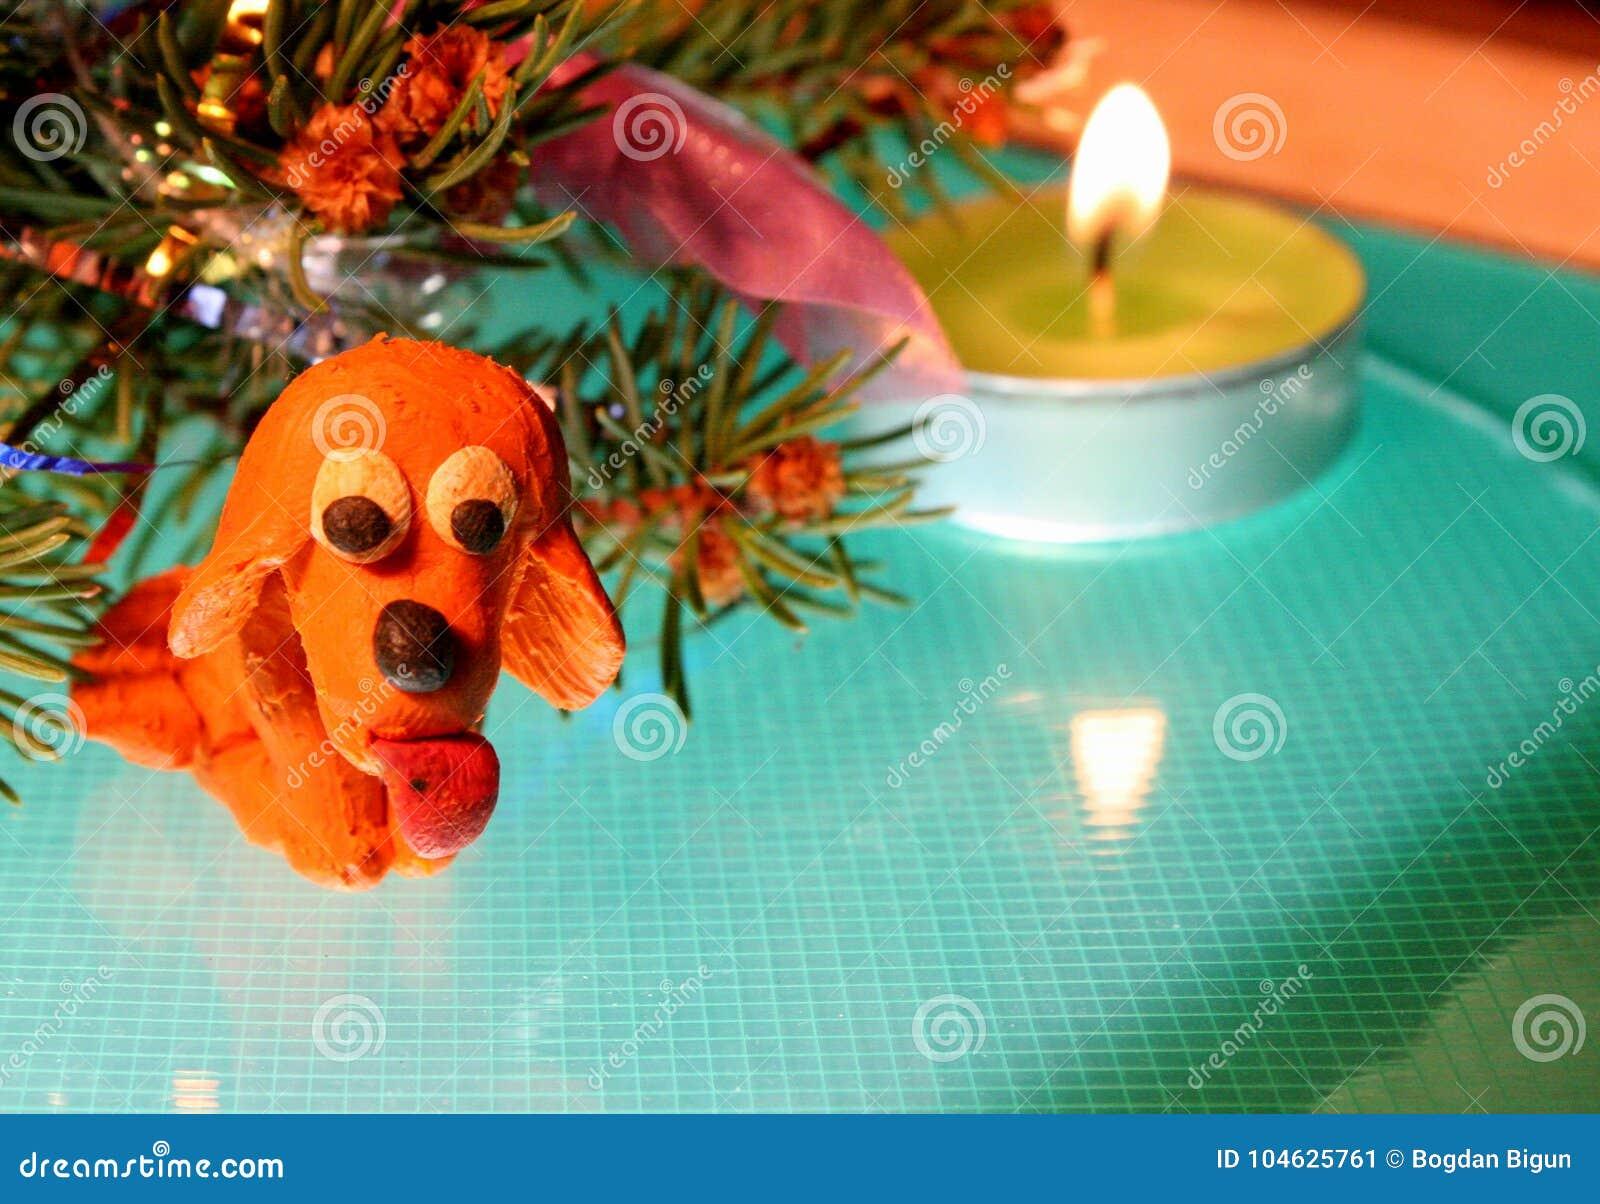 Download De gele hond is plasticine stock afbeelding. Afbeelding bestaande uit origineel - 104625761